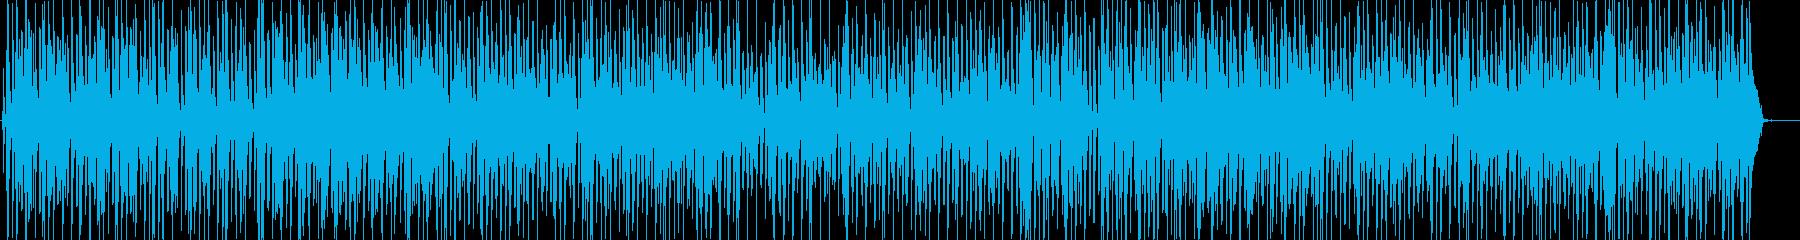 スローでかわいいディキシージャズトリオの再生済みの波形